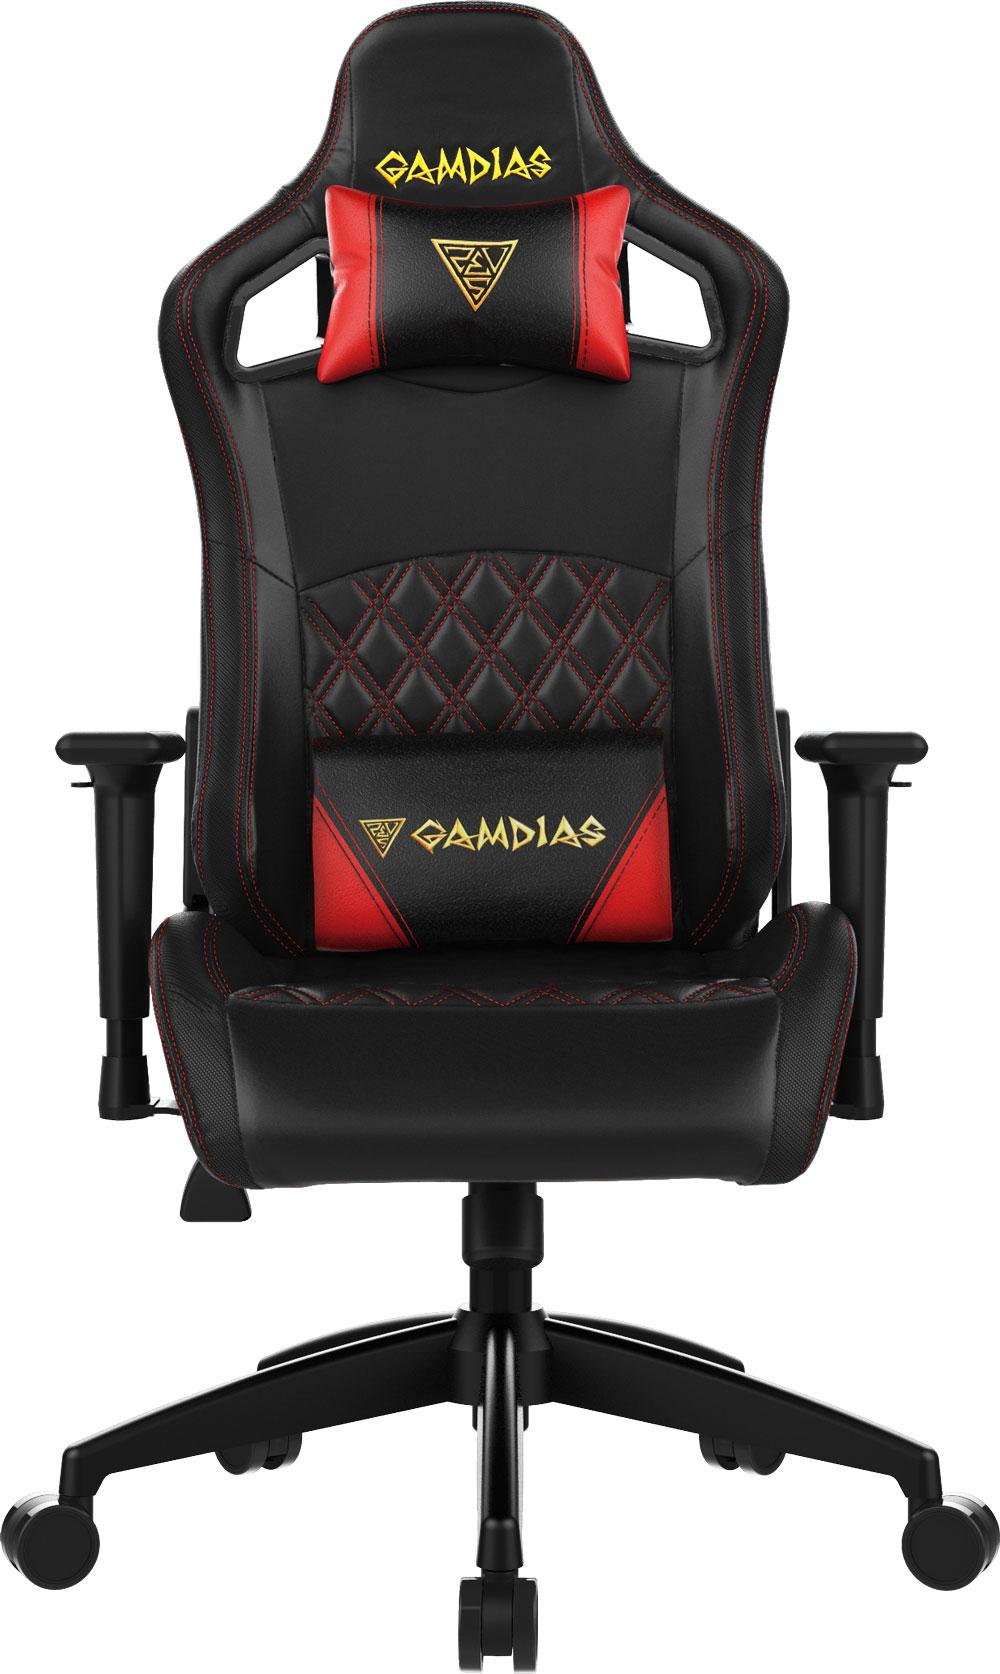 Gamdias Aphrodite EF1 Gaming Chair - Black/Red